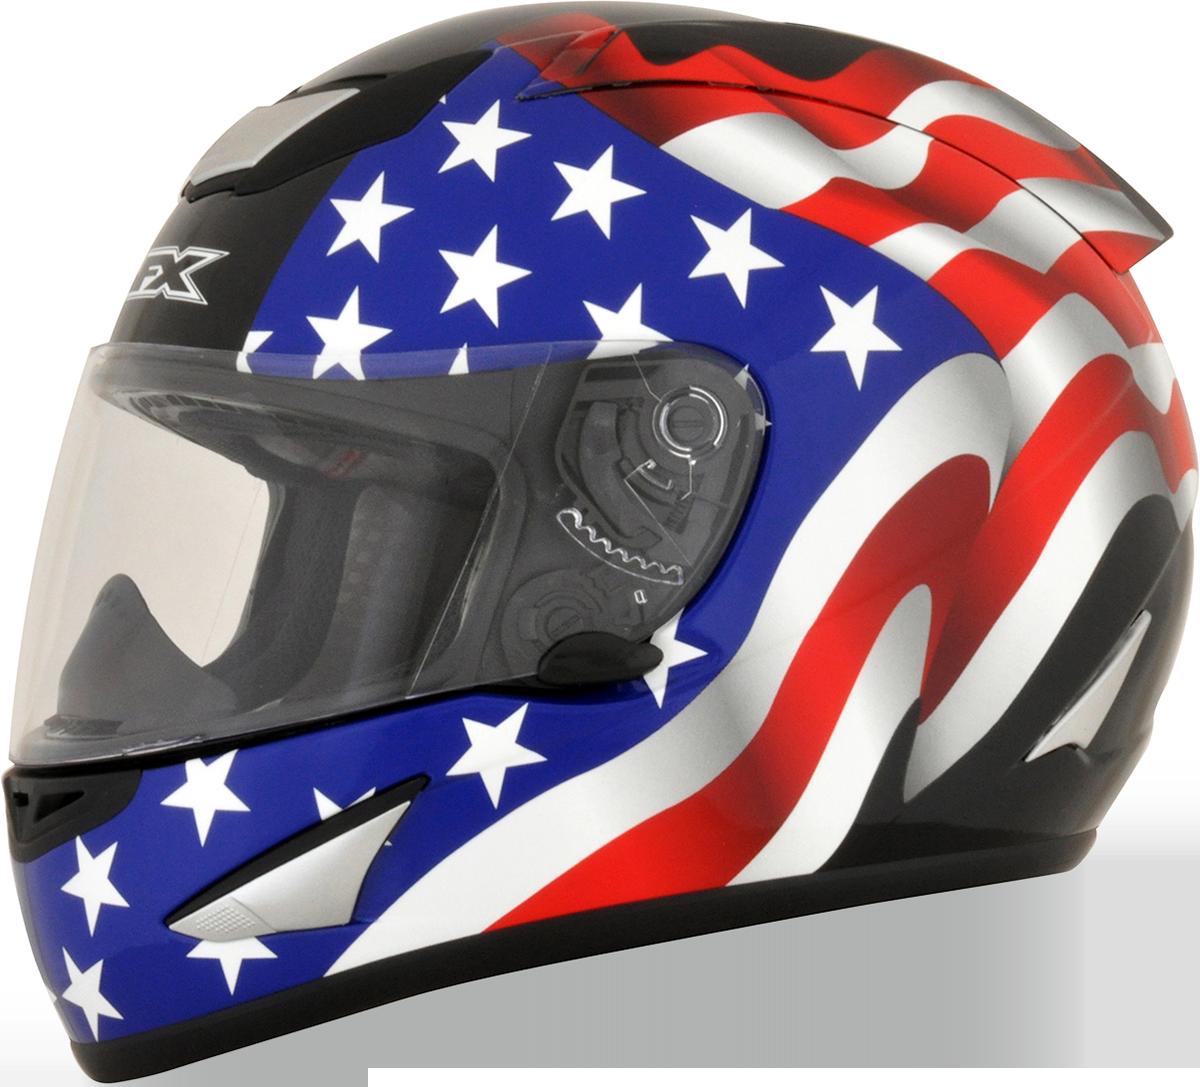 Afx unisex black motorcycle. Racing helmet png